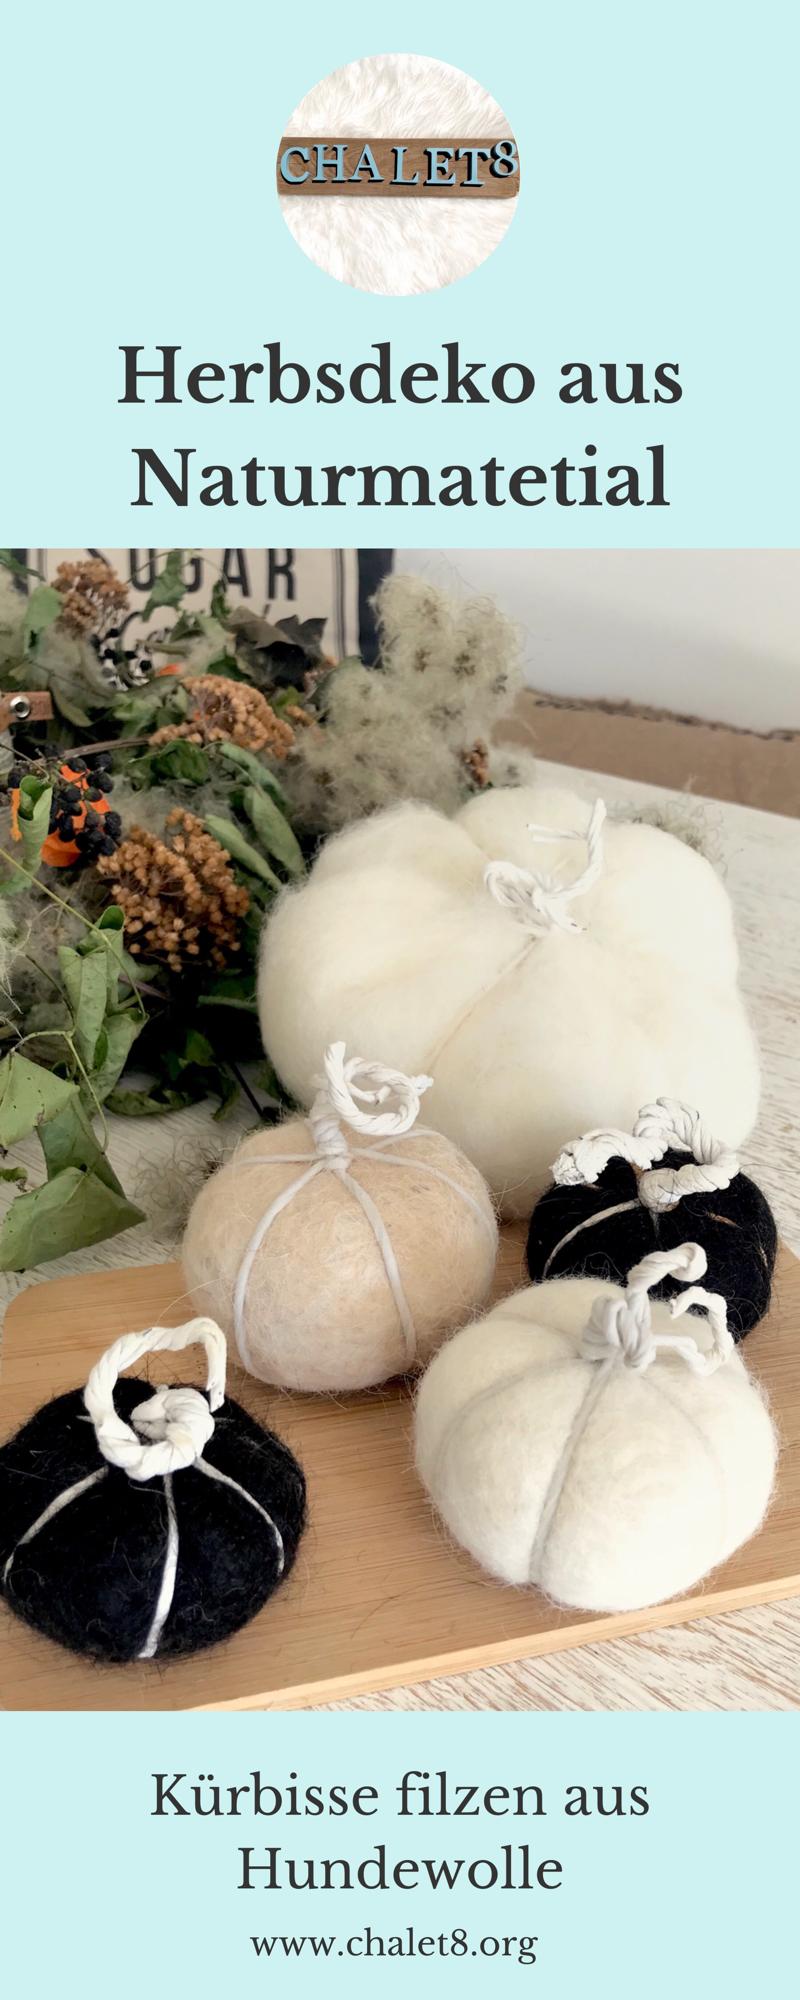 DIY: Kürbis filzen aus Hundewolle. Natürliche Herbst Deko selber machen. Prima Idee für Hunde. Upcycling von Hundehaaren. #Kürbis, #Herbst, #Chalet8, #Herbstdeko, #Filzen